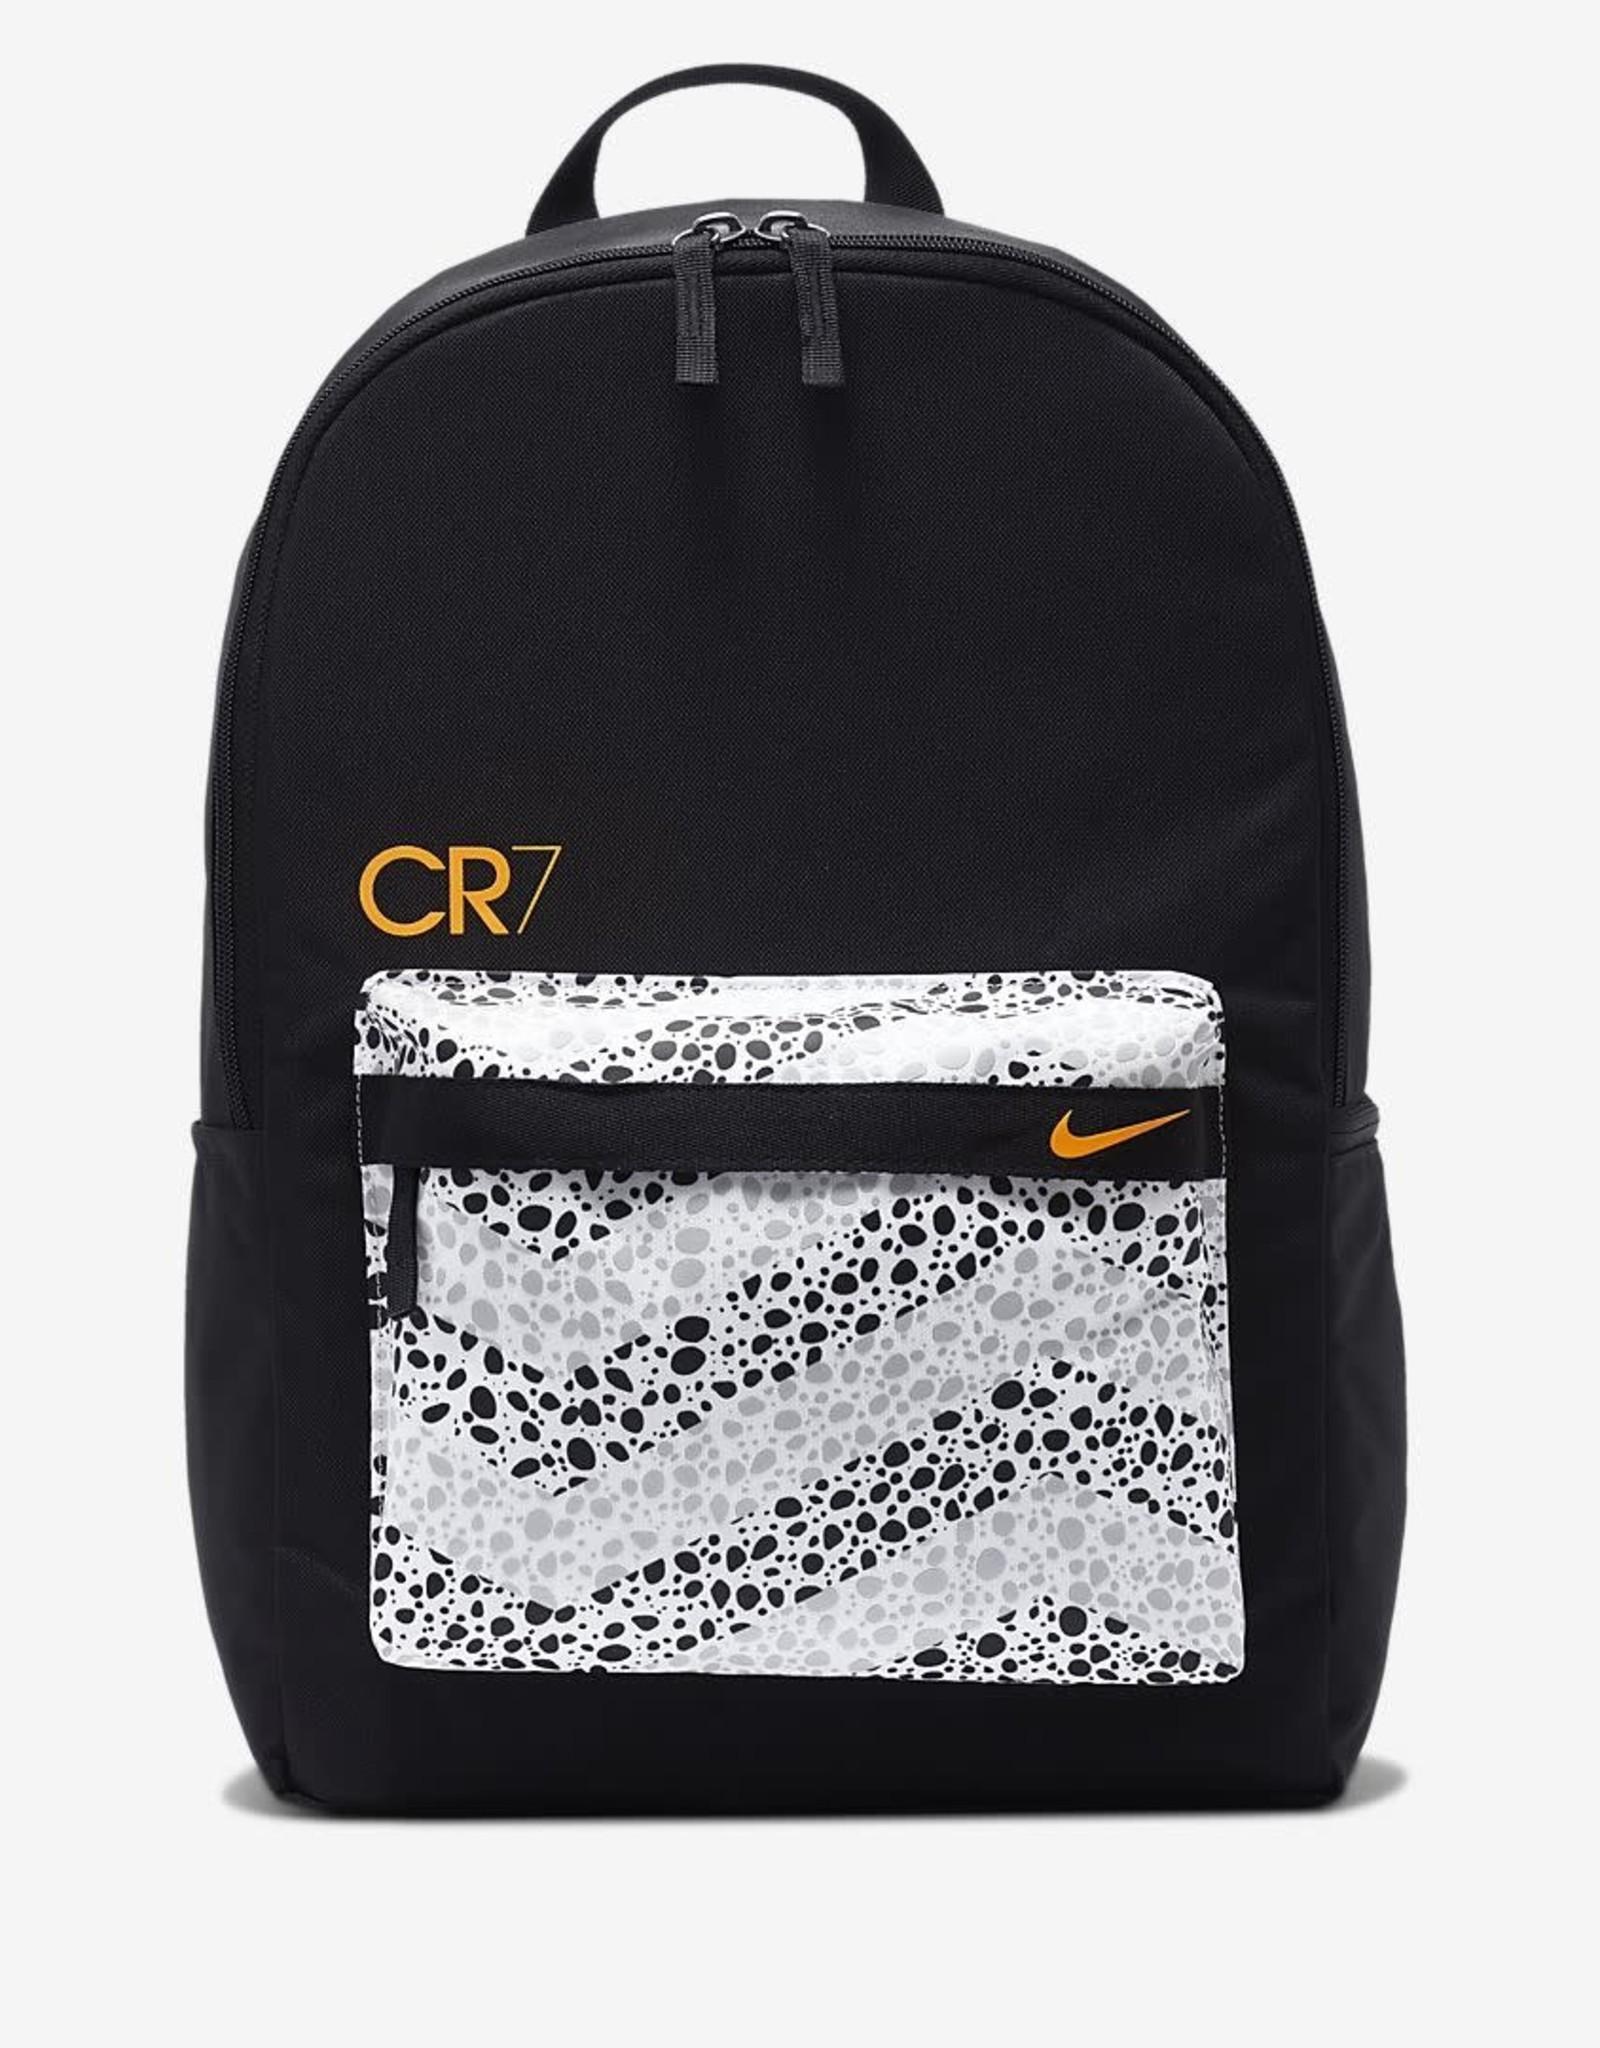 Nike rugzak cr7